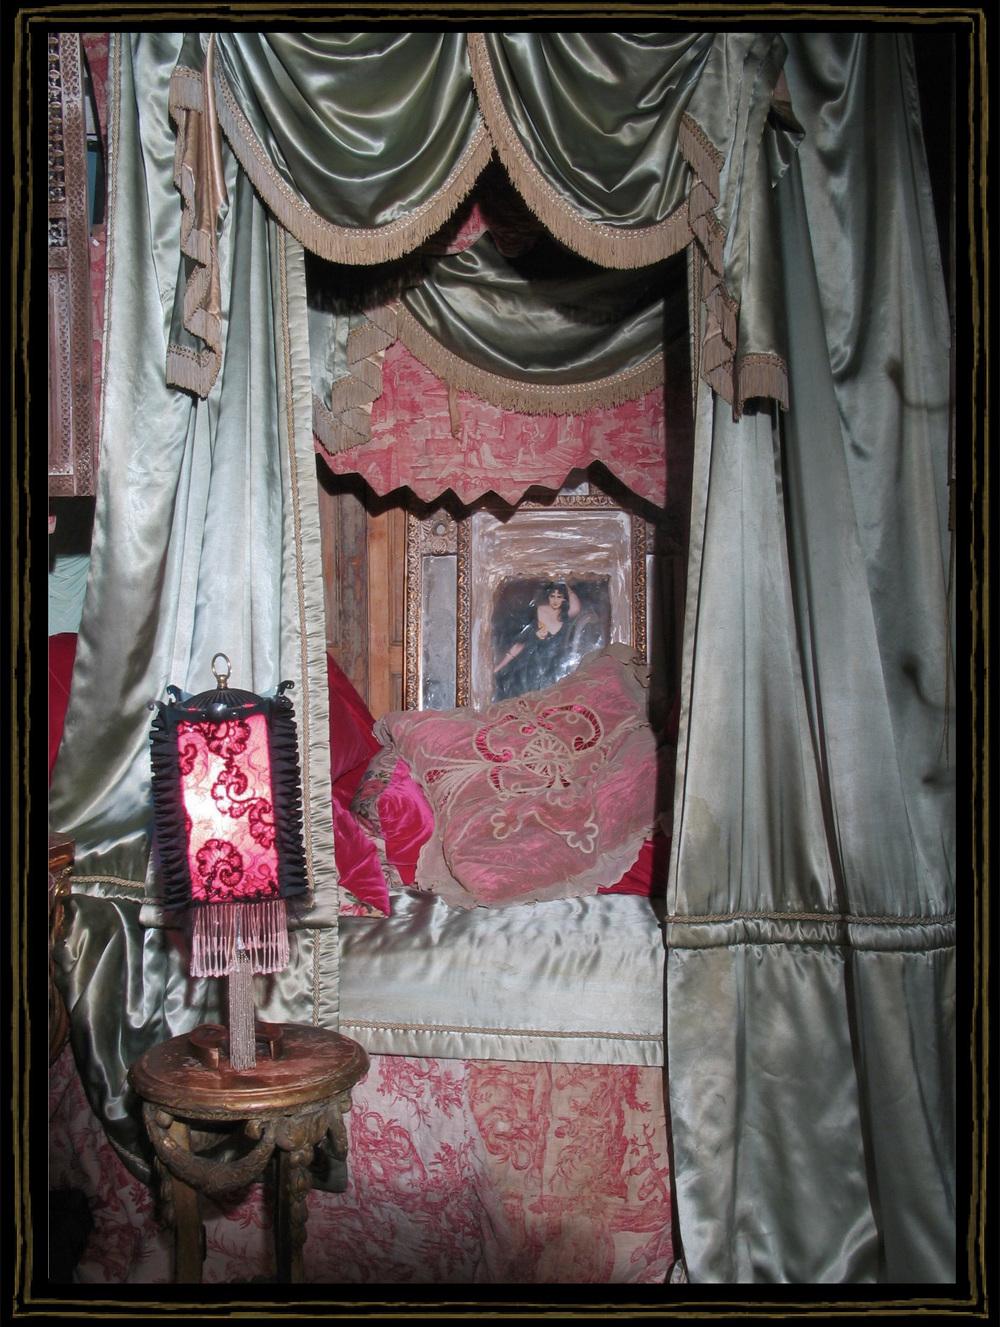 boudoir abh_aab_img_1346.jpg